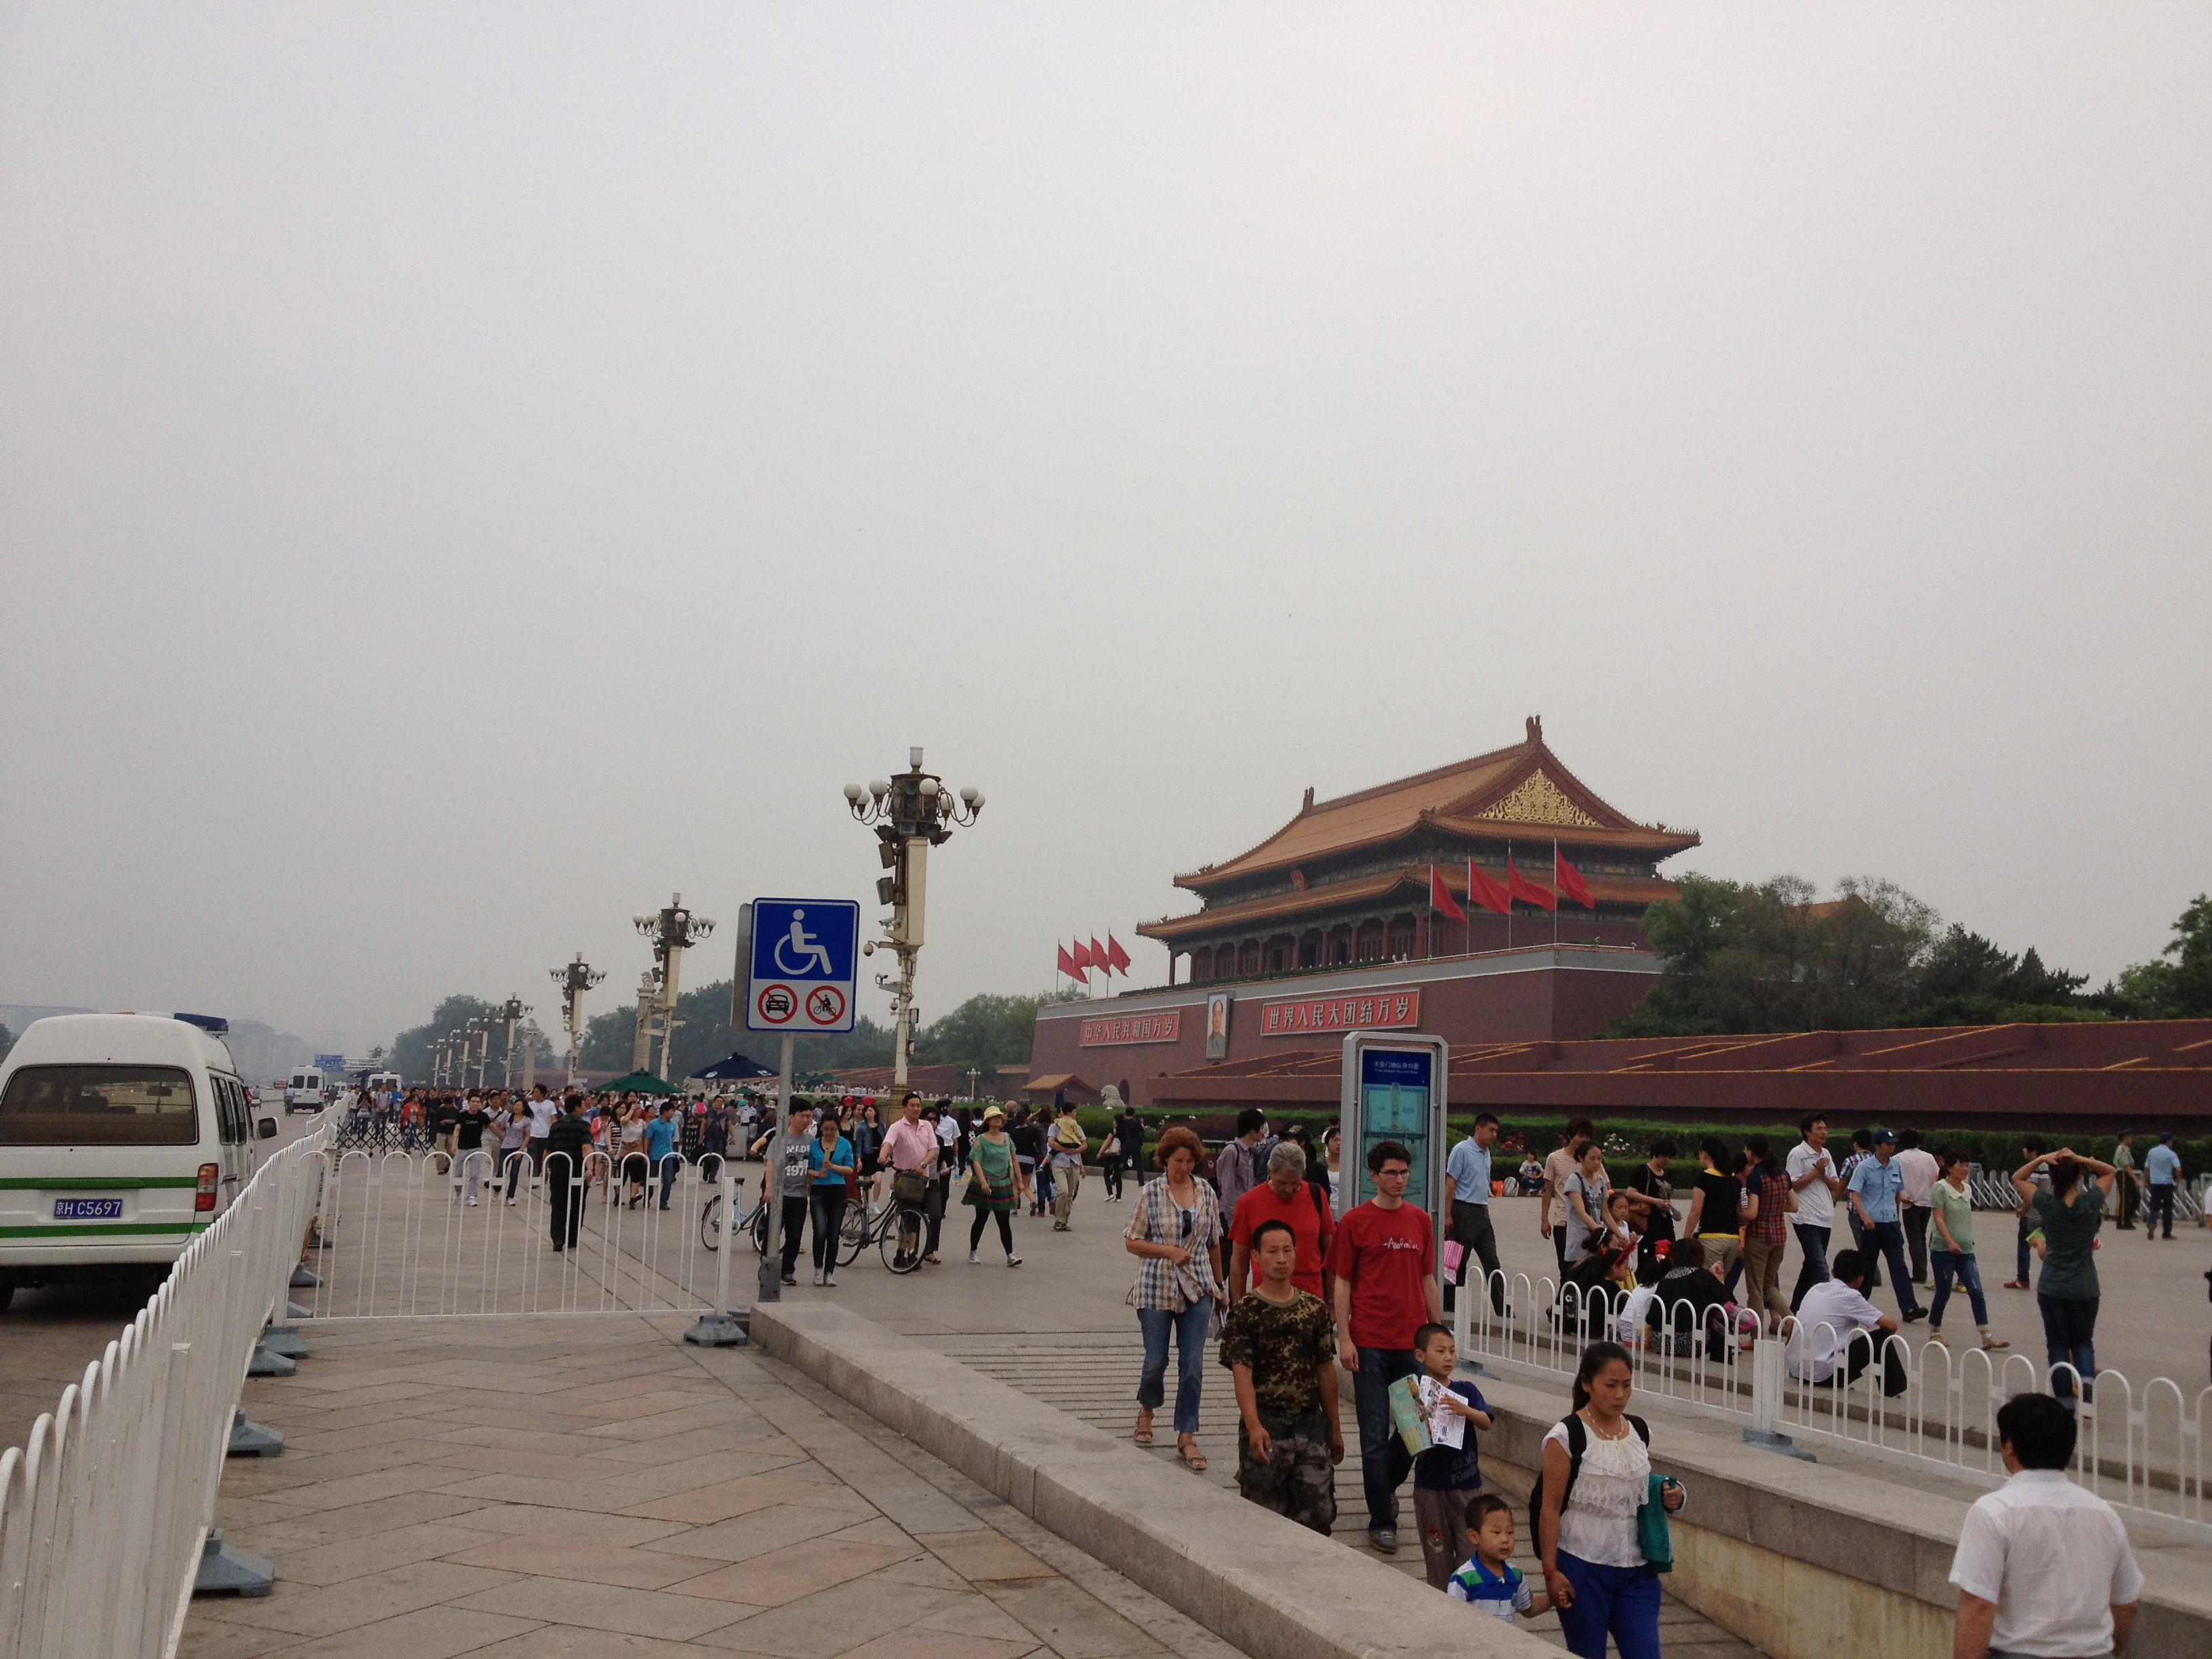 Quảng trường Thiên An Môn lúc nào cũng đông